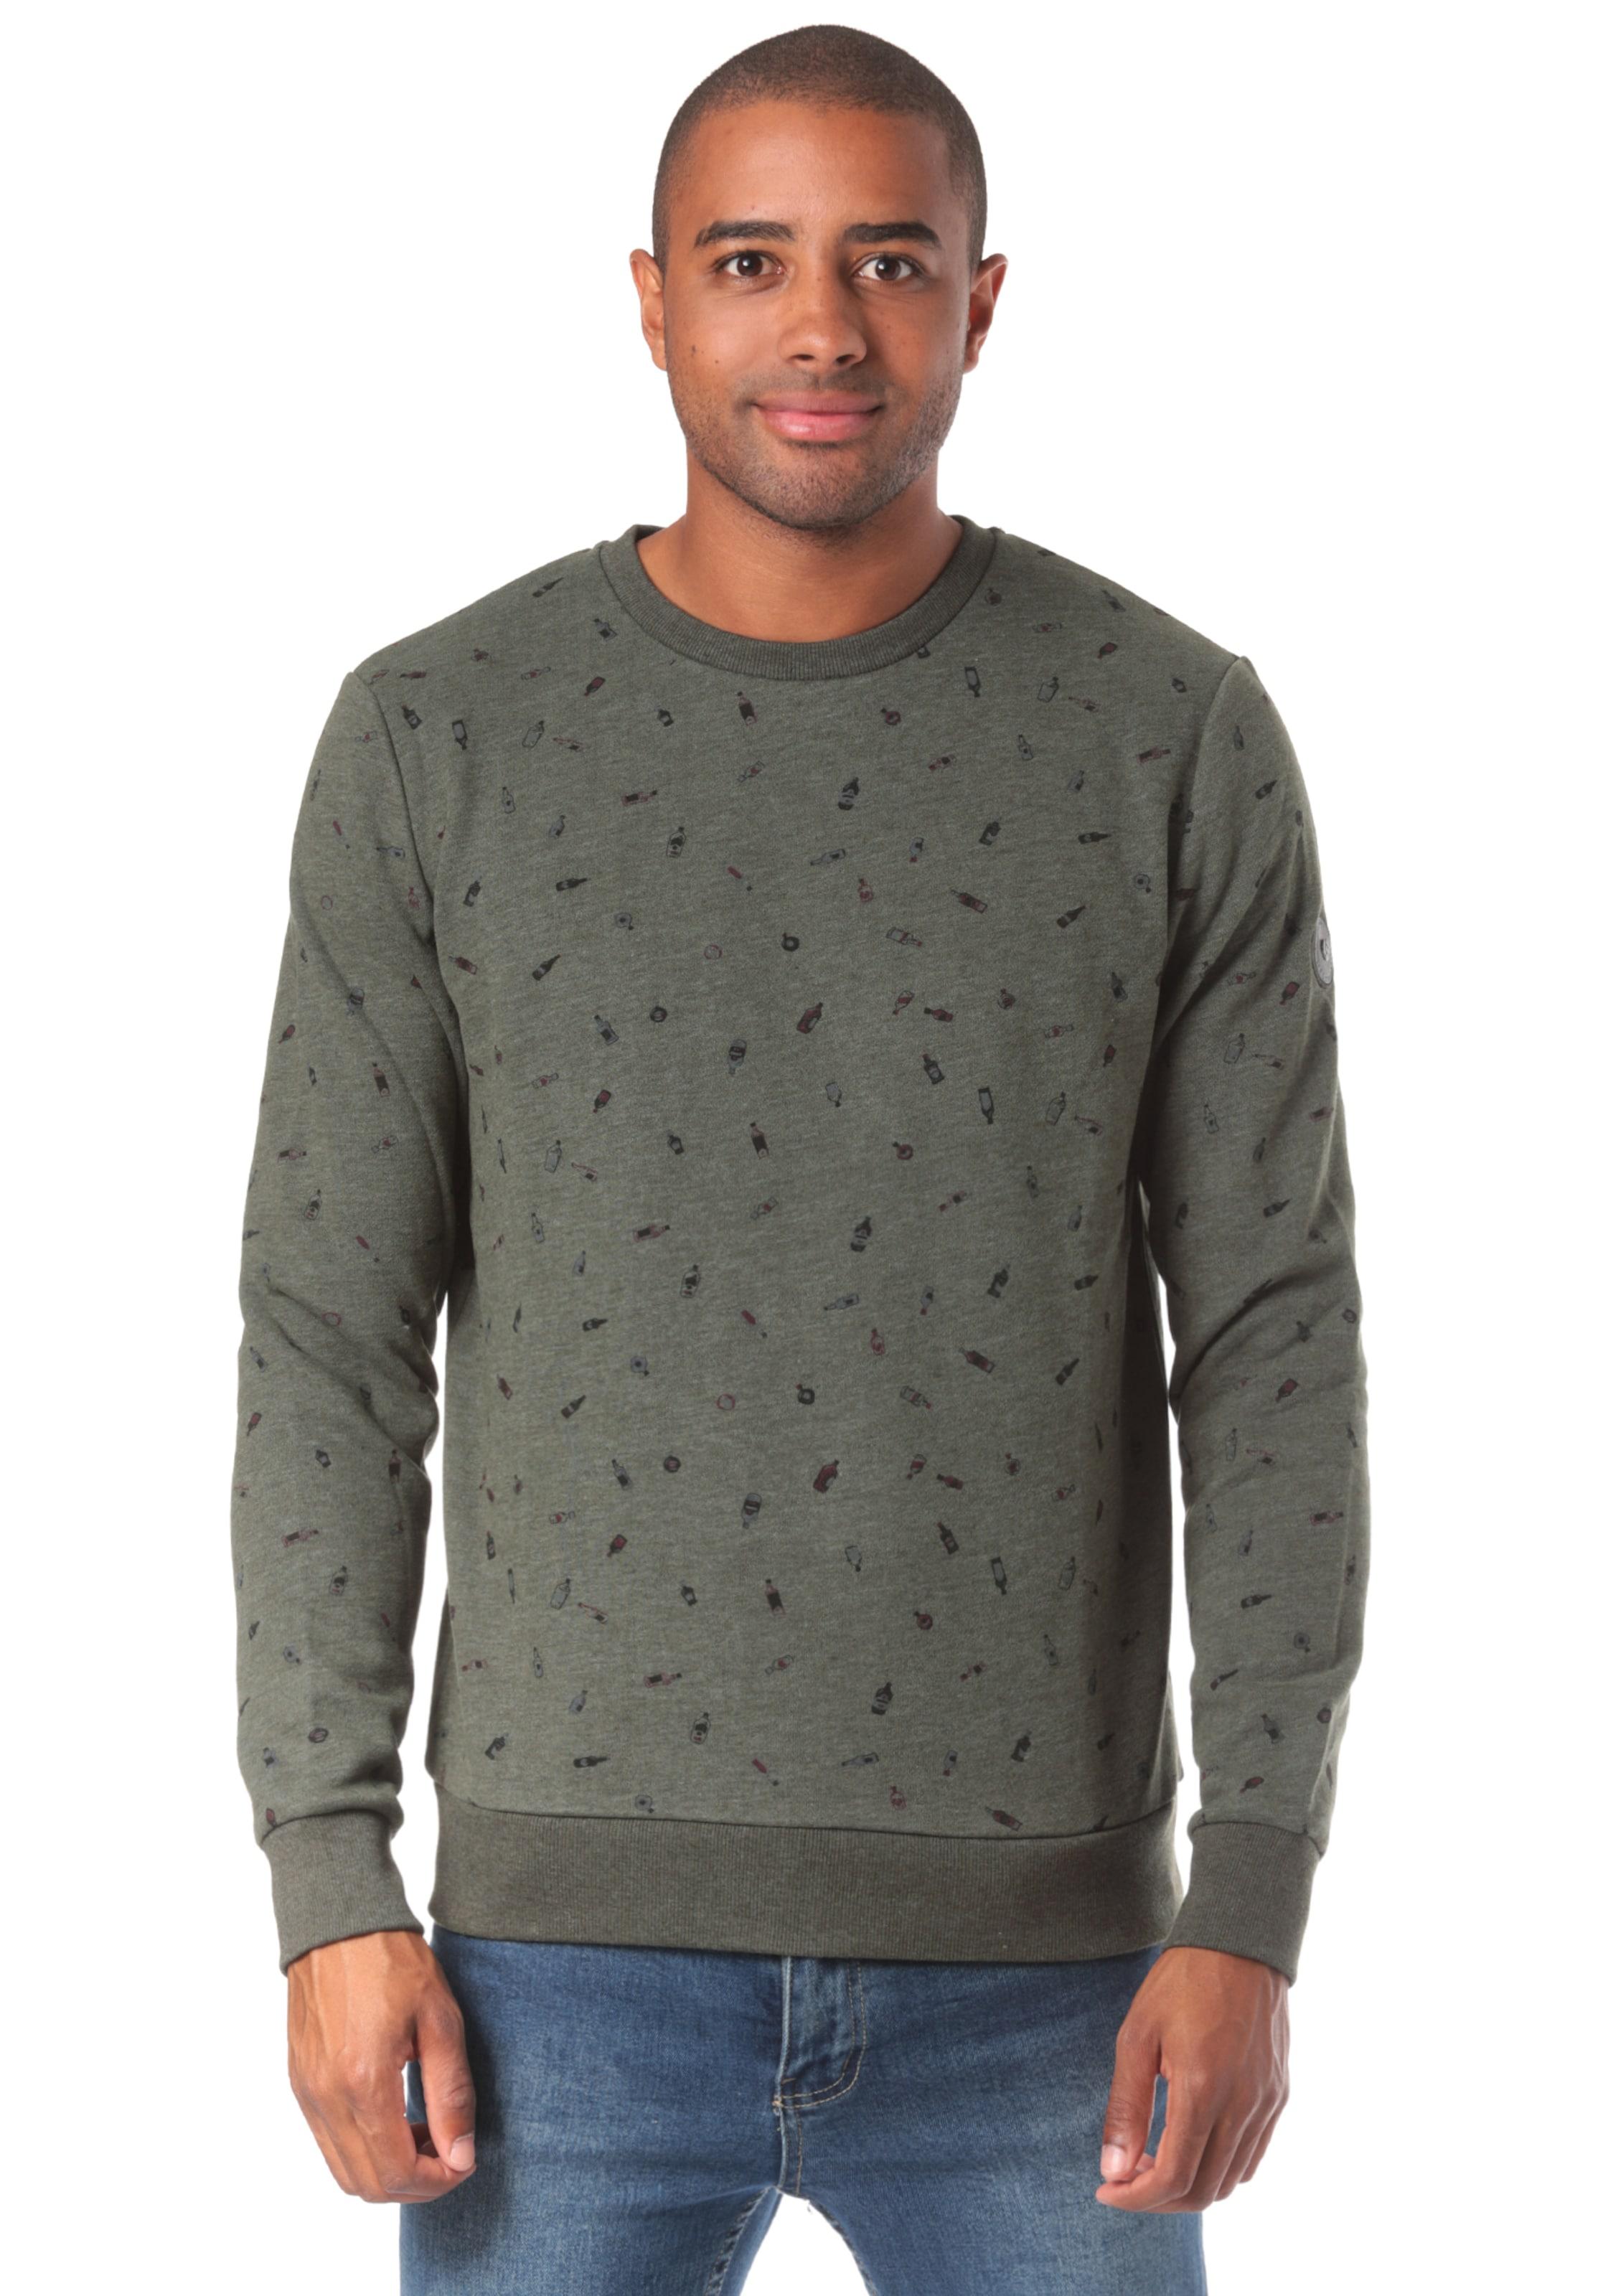 Oliv Ragwear 'ramon Sweatshirt Bottles' In SUMVzp